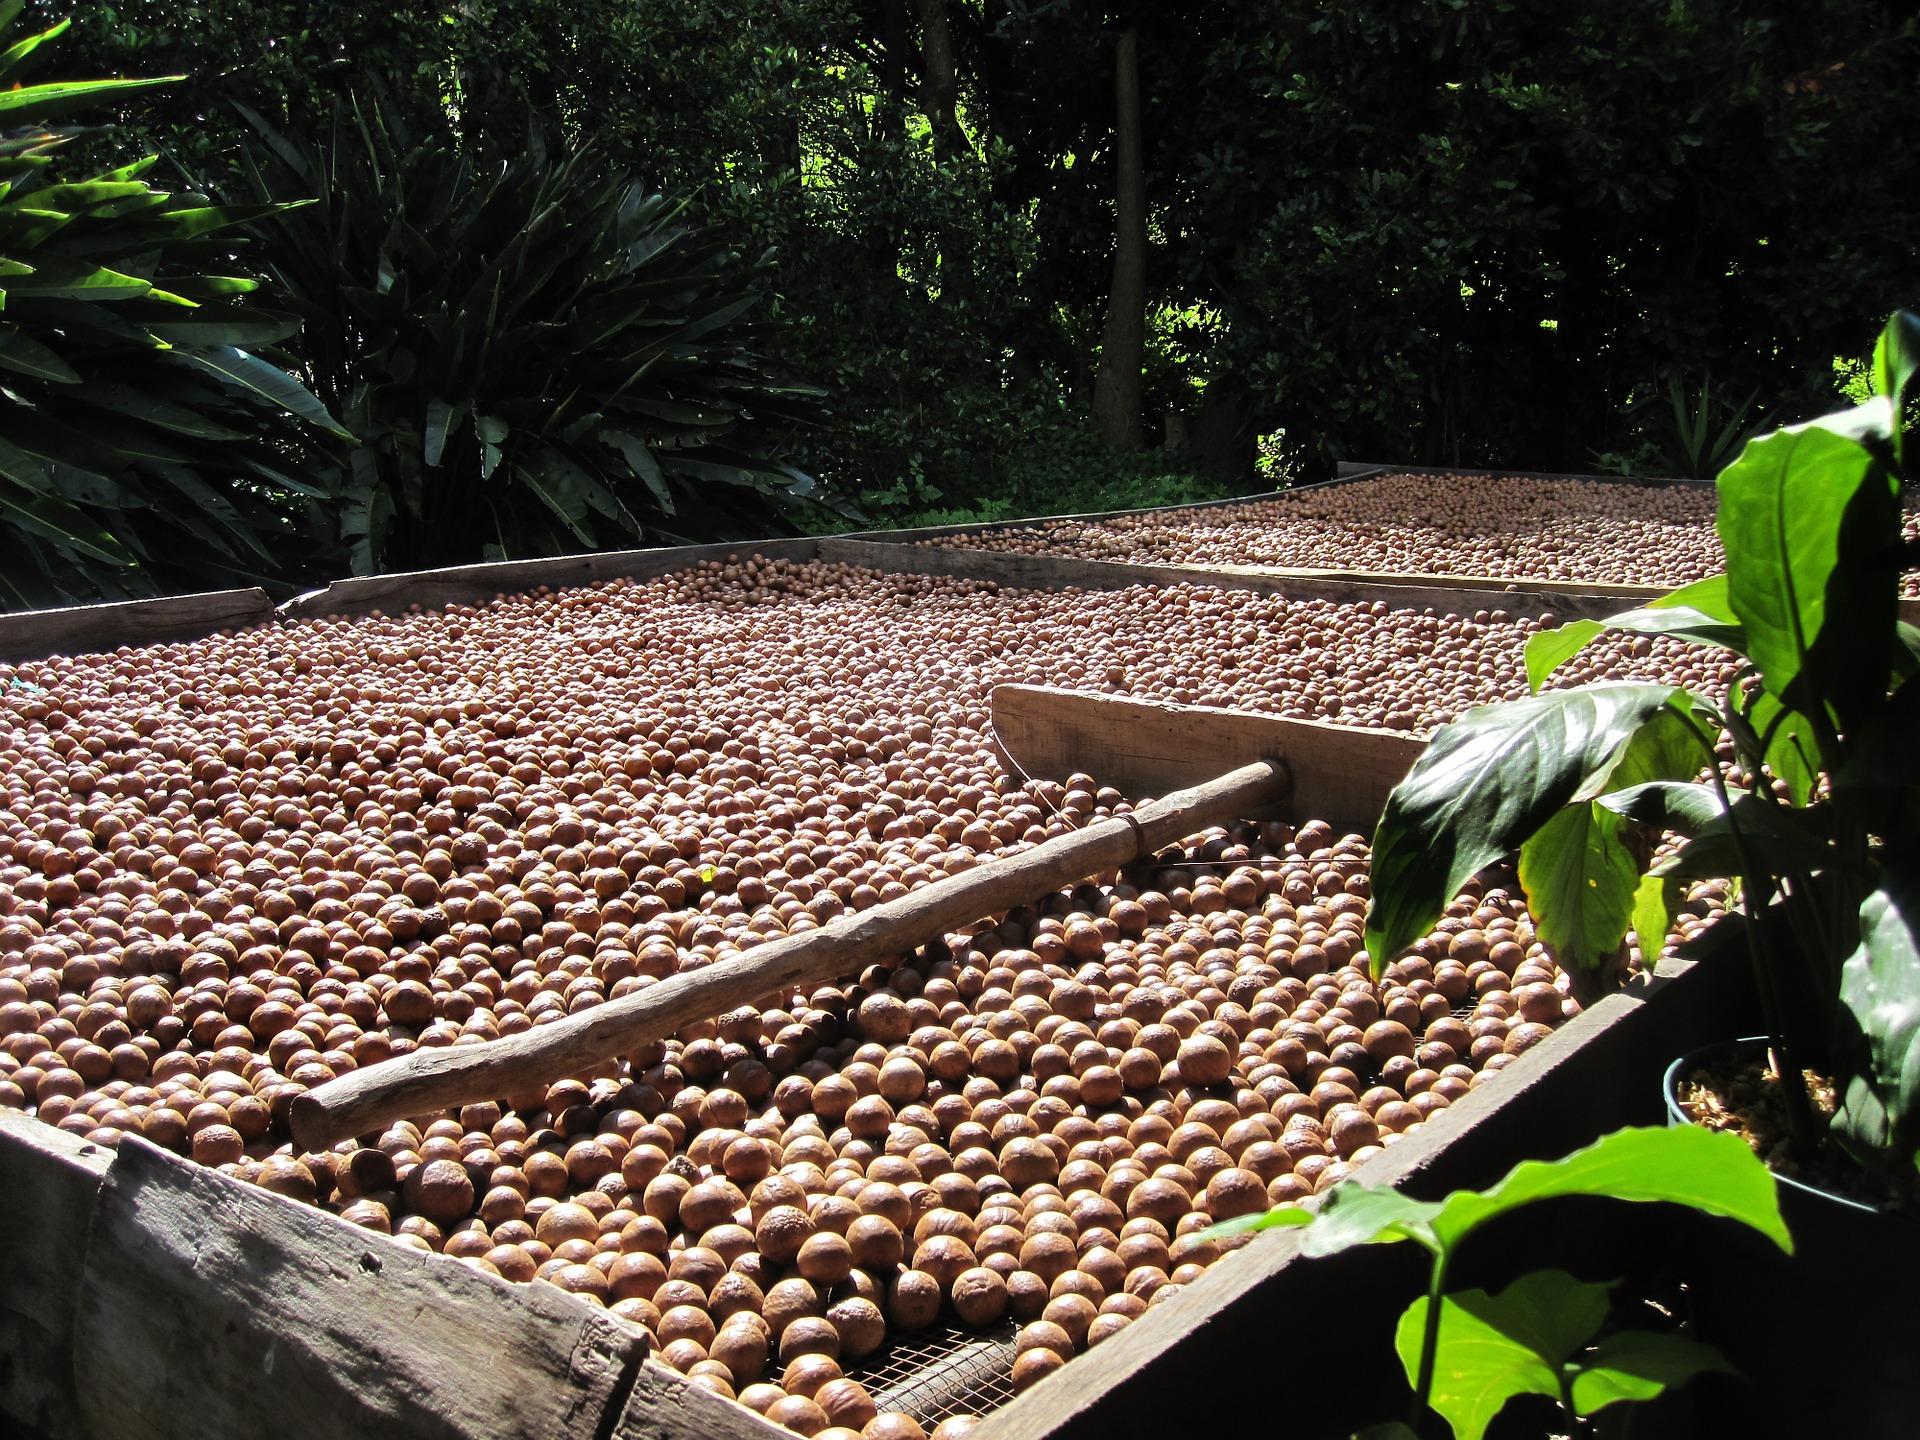 Macadamiapähkinöitä kuivumassa